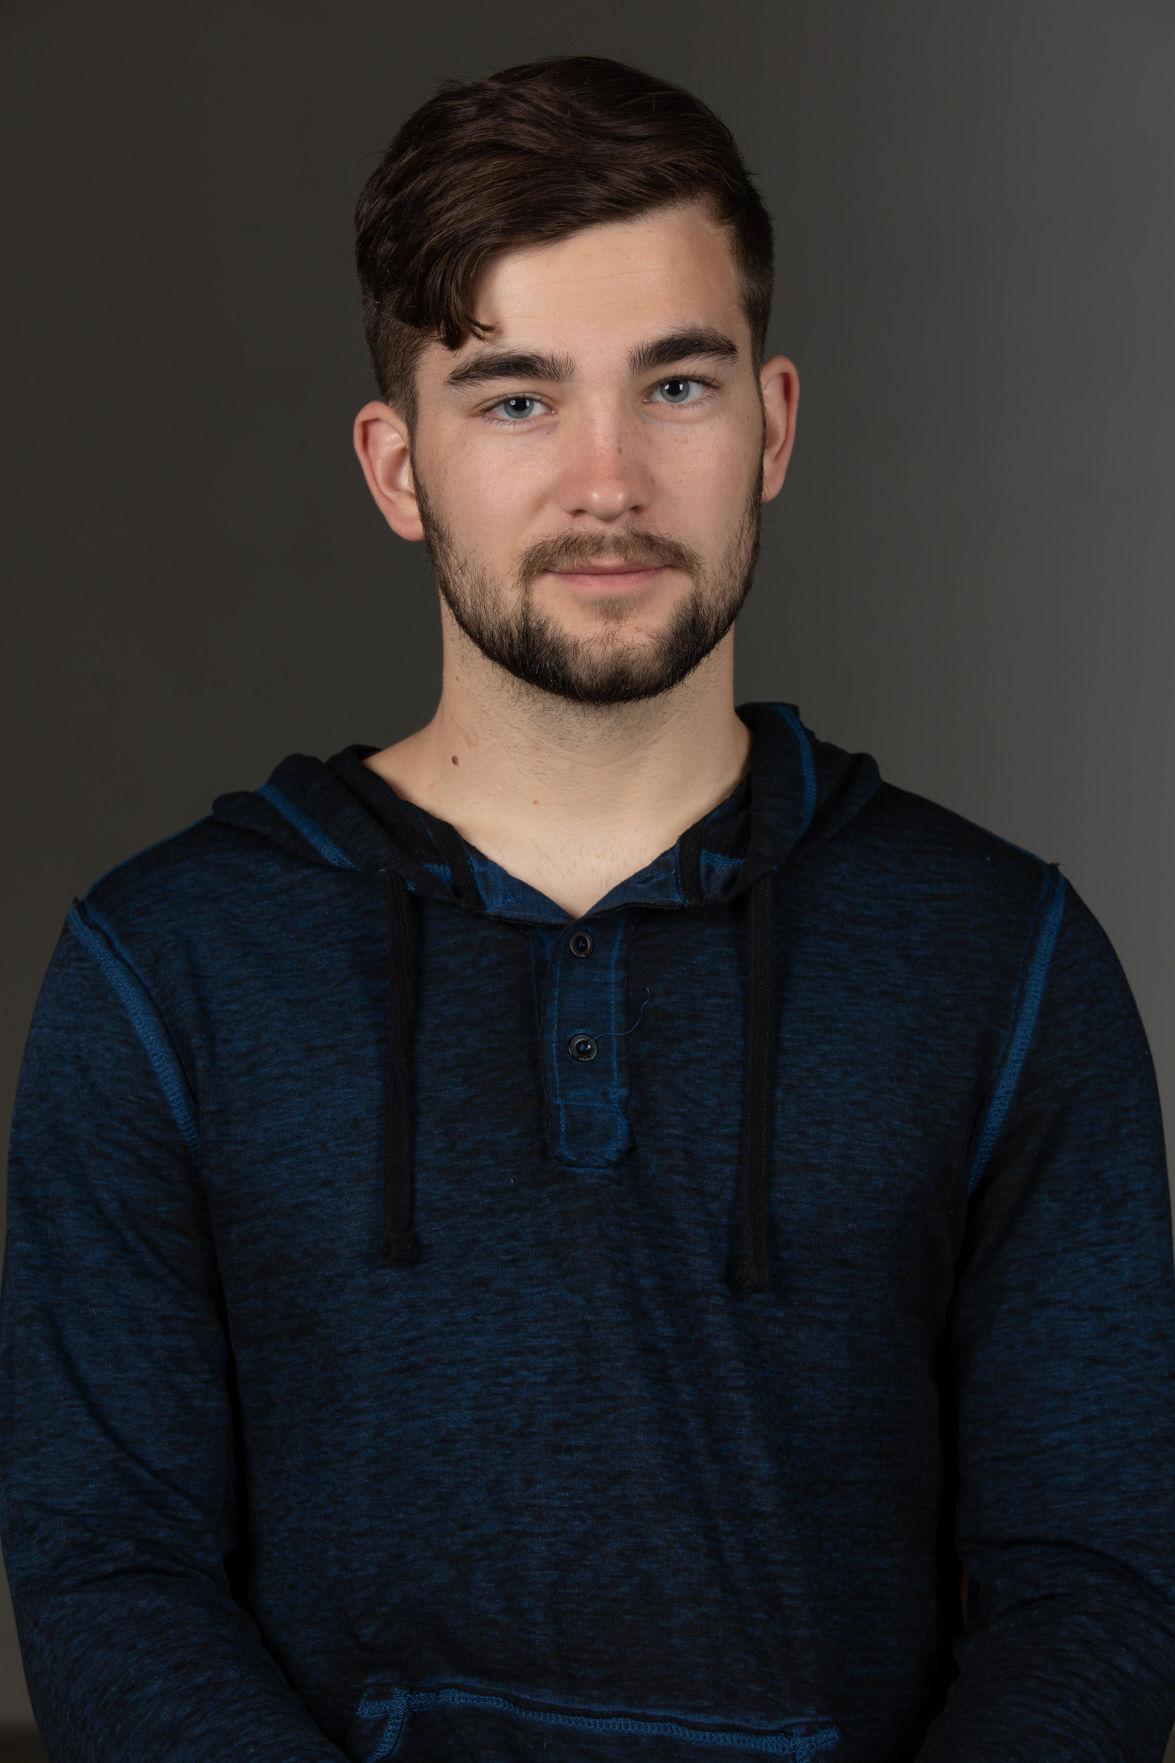 Josh McQuade smiles as he poses for a mugshot photo